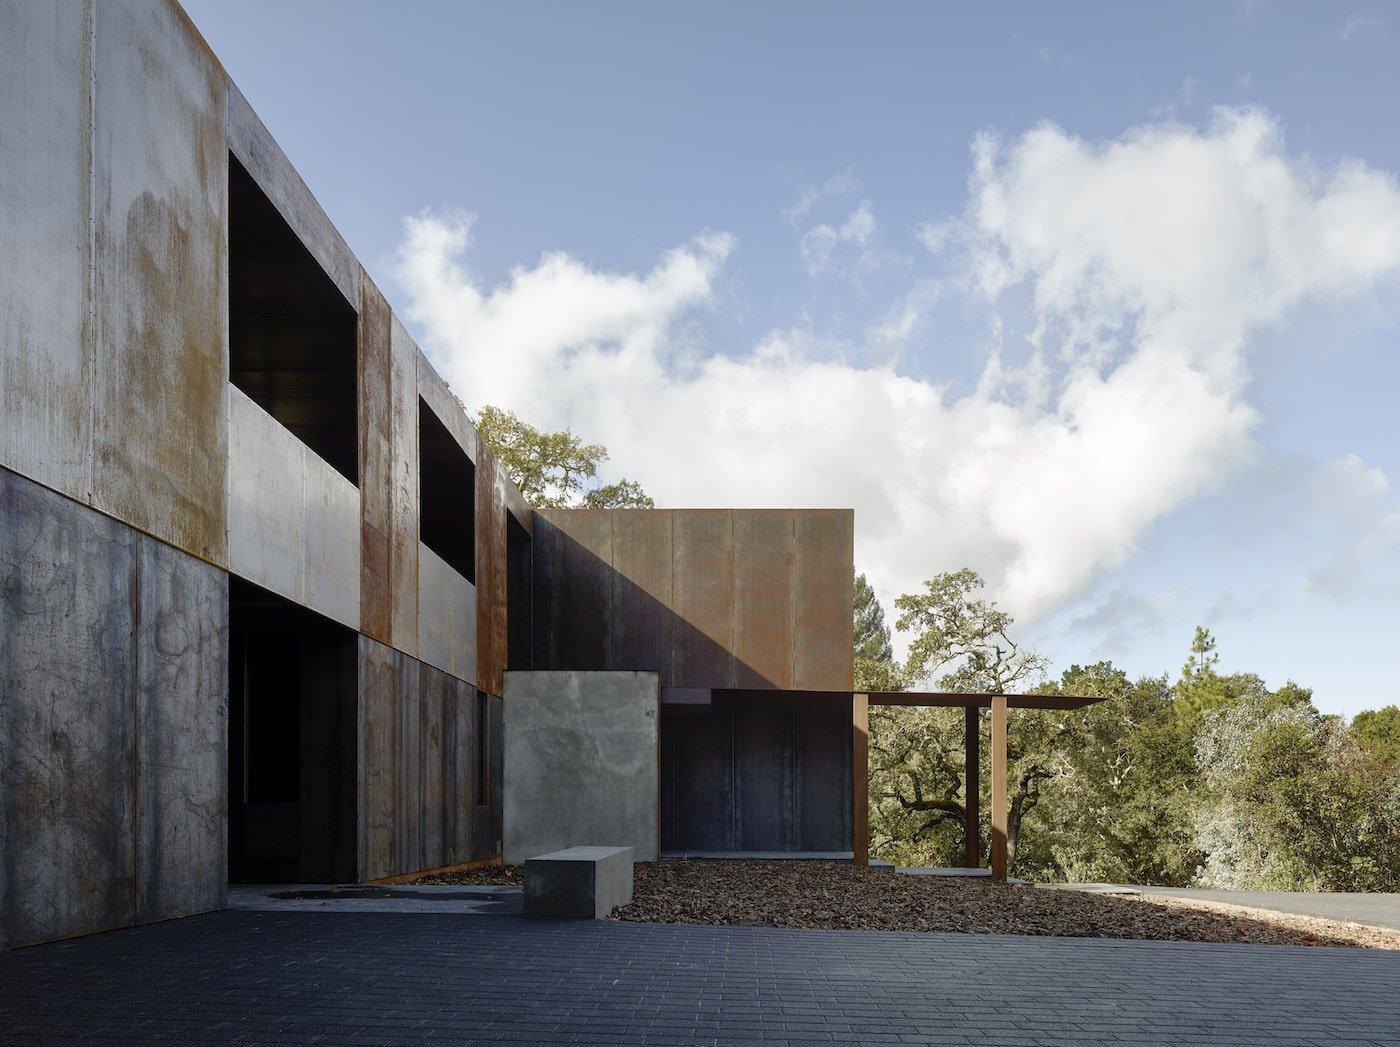 Veranda of corten steel clad net-zero home